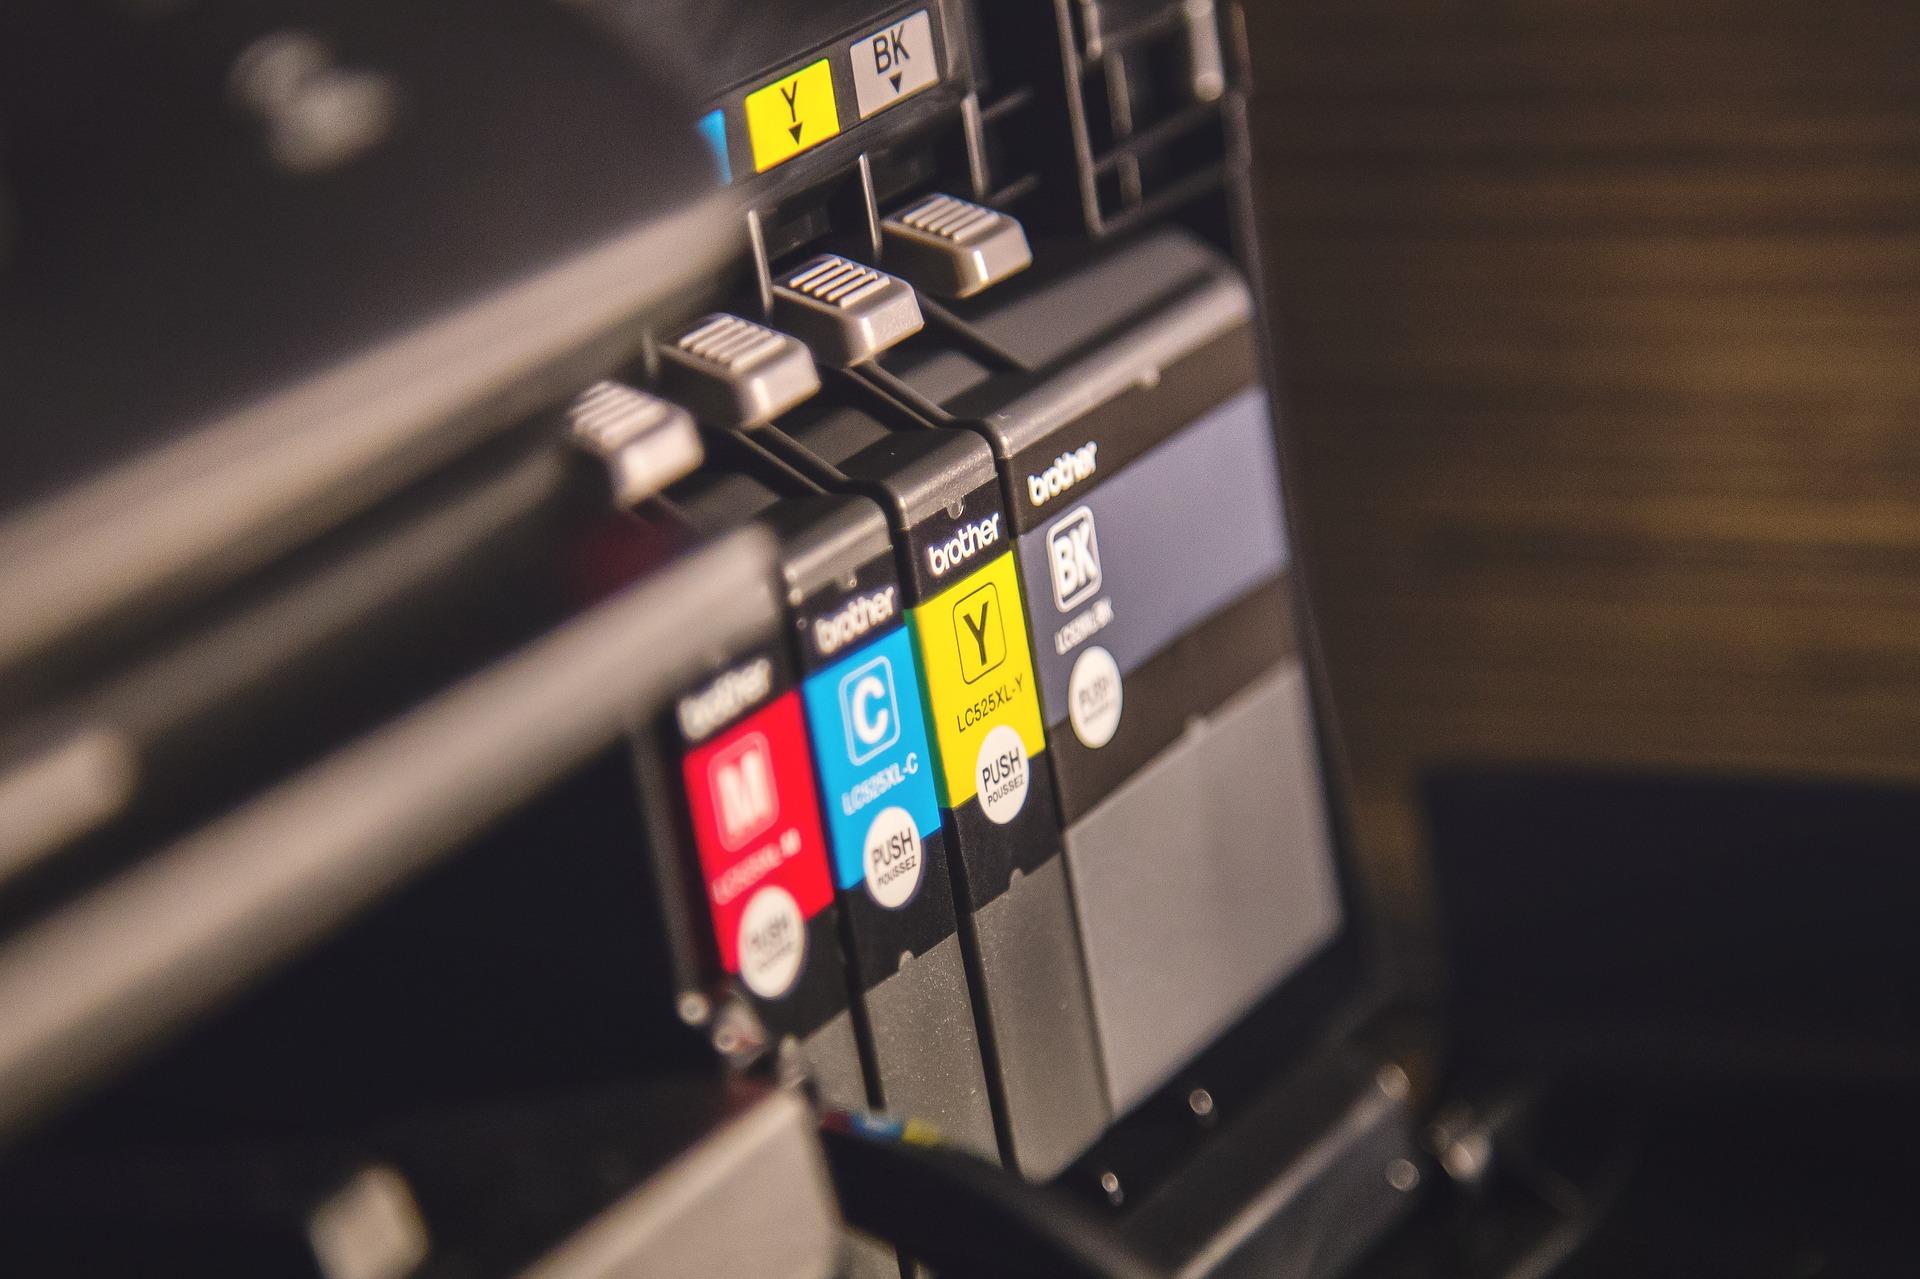 Impressora tanque de tinta: Qual é a melhor em 2020?